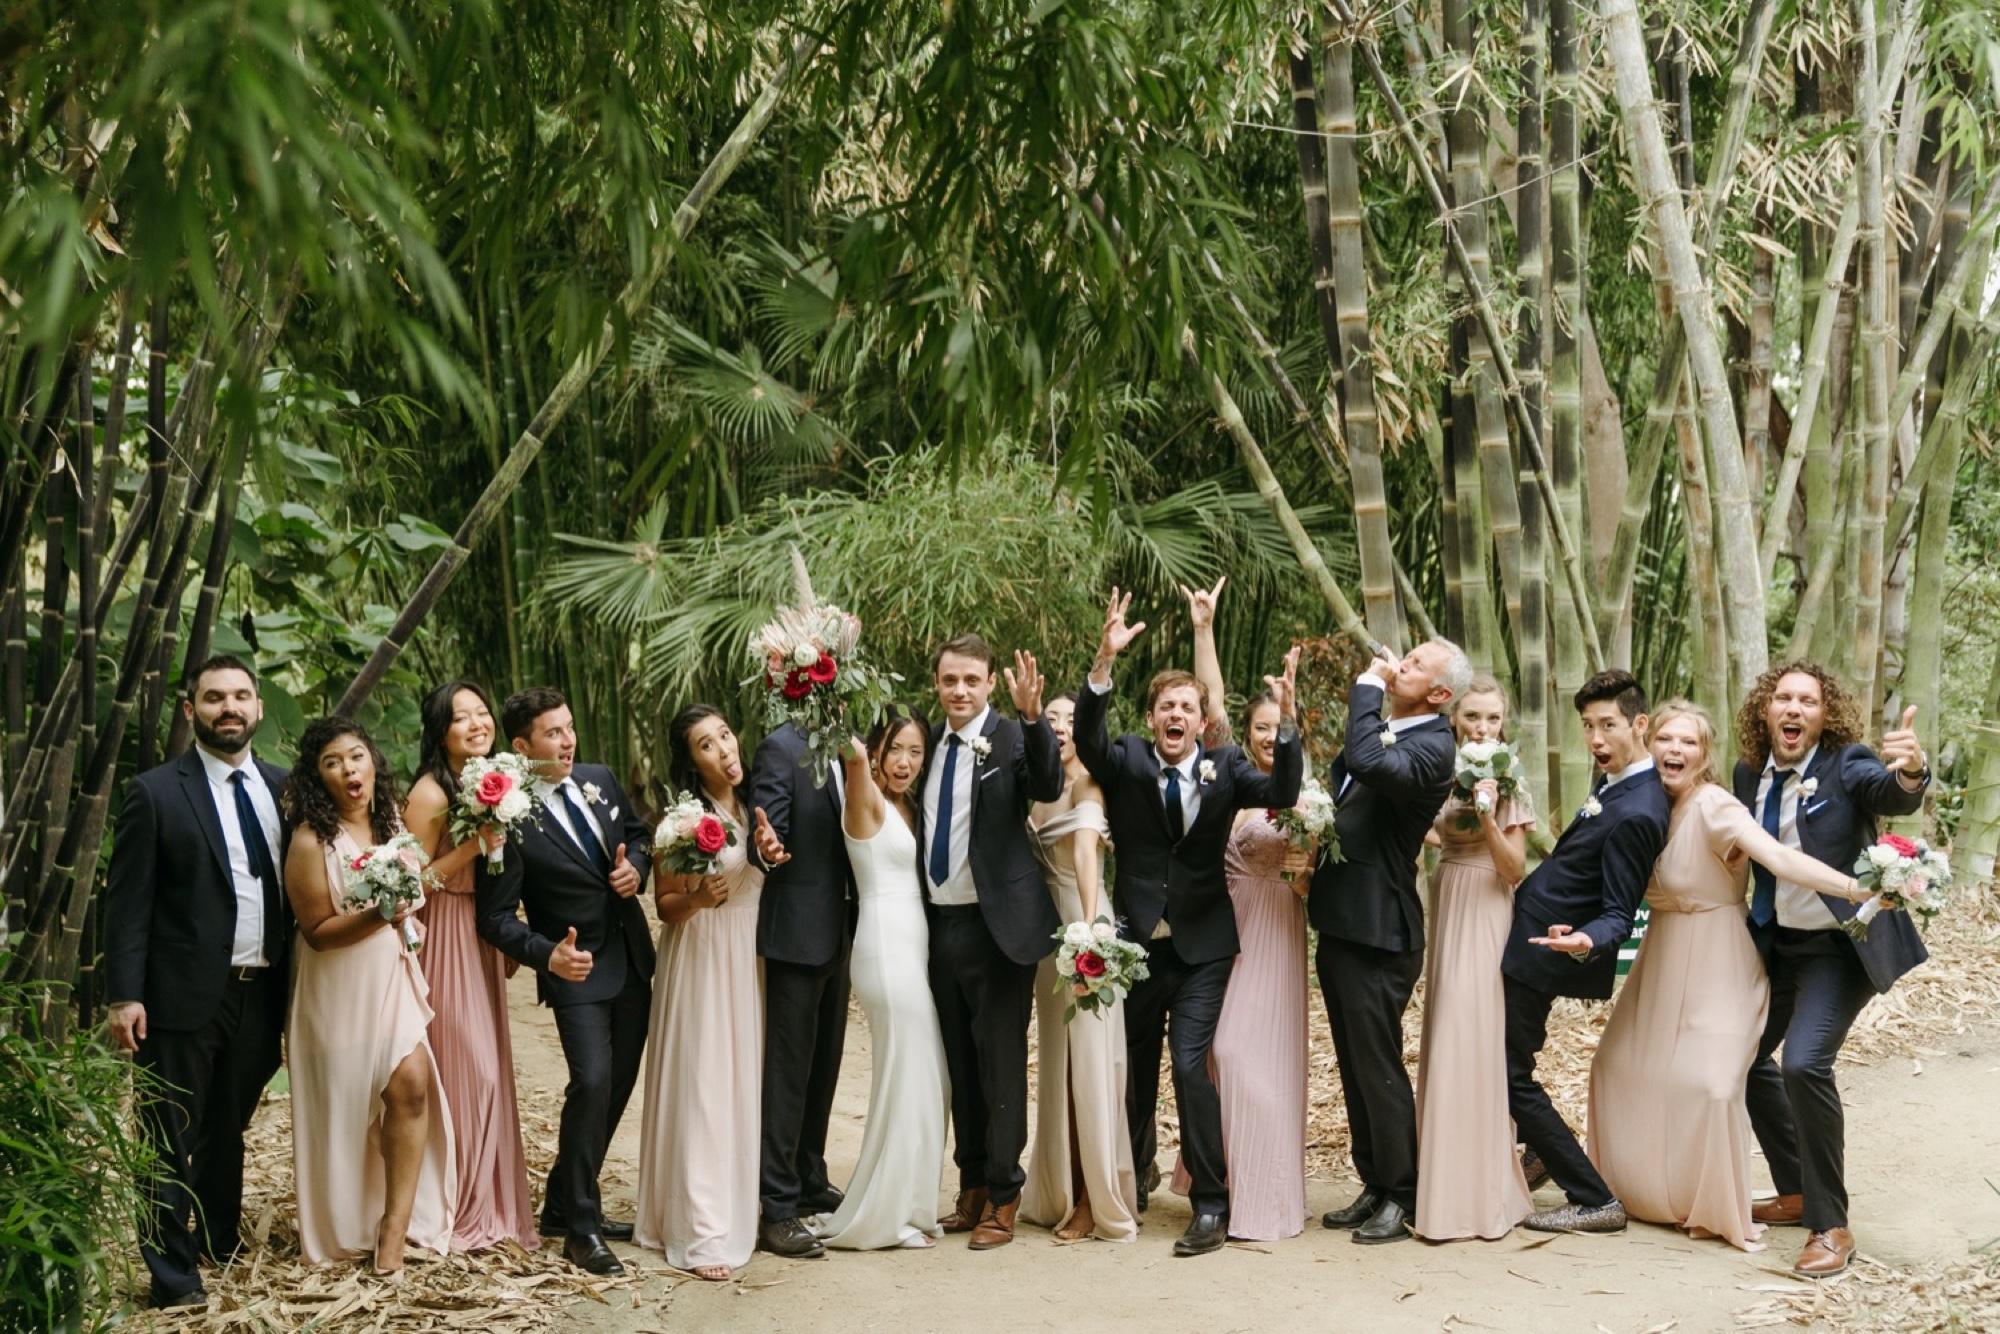 048_Shawna and Steve's Wedding-306.jpg